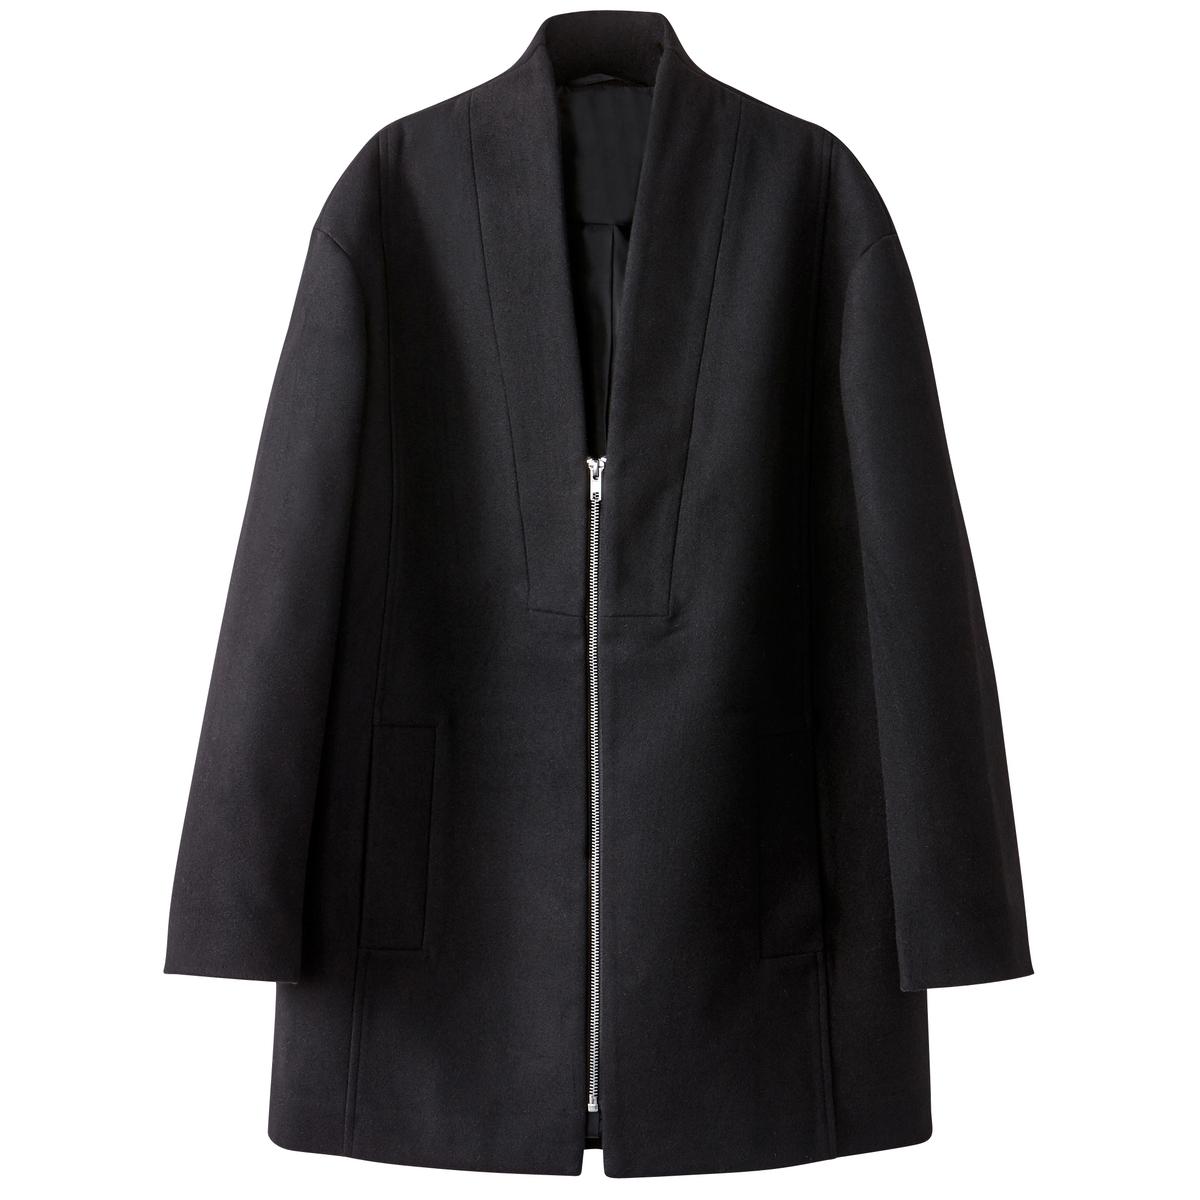 Пальто прямое с глубоким вырезомЧерное стильное пальто. Прямая форма, застежка на молнию . Шалевый воротник с глубоким вырезом . Полностью на подкладке. Детали •  Длина : средняя •  Без воротника •  Застежка на молниюСостав и уход •  93% полиэстера, 6% вискозы, 1% эластана •  Подкладка : 100% полиэстер •  Температура стирки при 30° на деликатном режиме   •  Сухая чистка и отбеливатели запрещены •  Не использовать барабанную сушку   •  Низкая температура глажки •  Длина : 80 см<br><br>Цвет: черный<br>Размер: 44 (FR) - 50 (RUS).42 (FR) - 48 (RUS).40 (FR) - 46 (RUS).36 (FR) - 42 (RUS).38 (FR) - 44 (RUS)